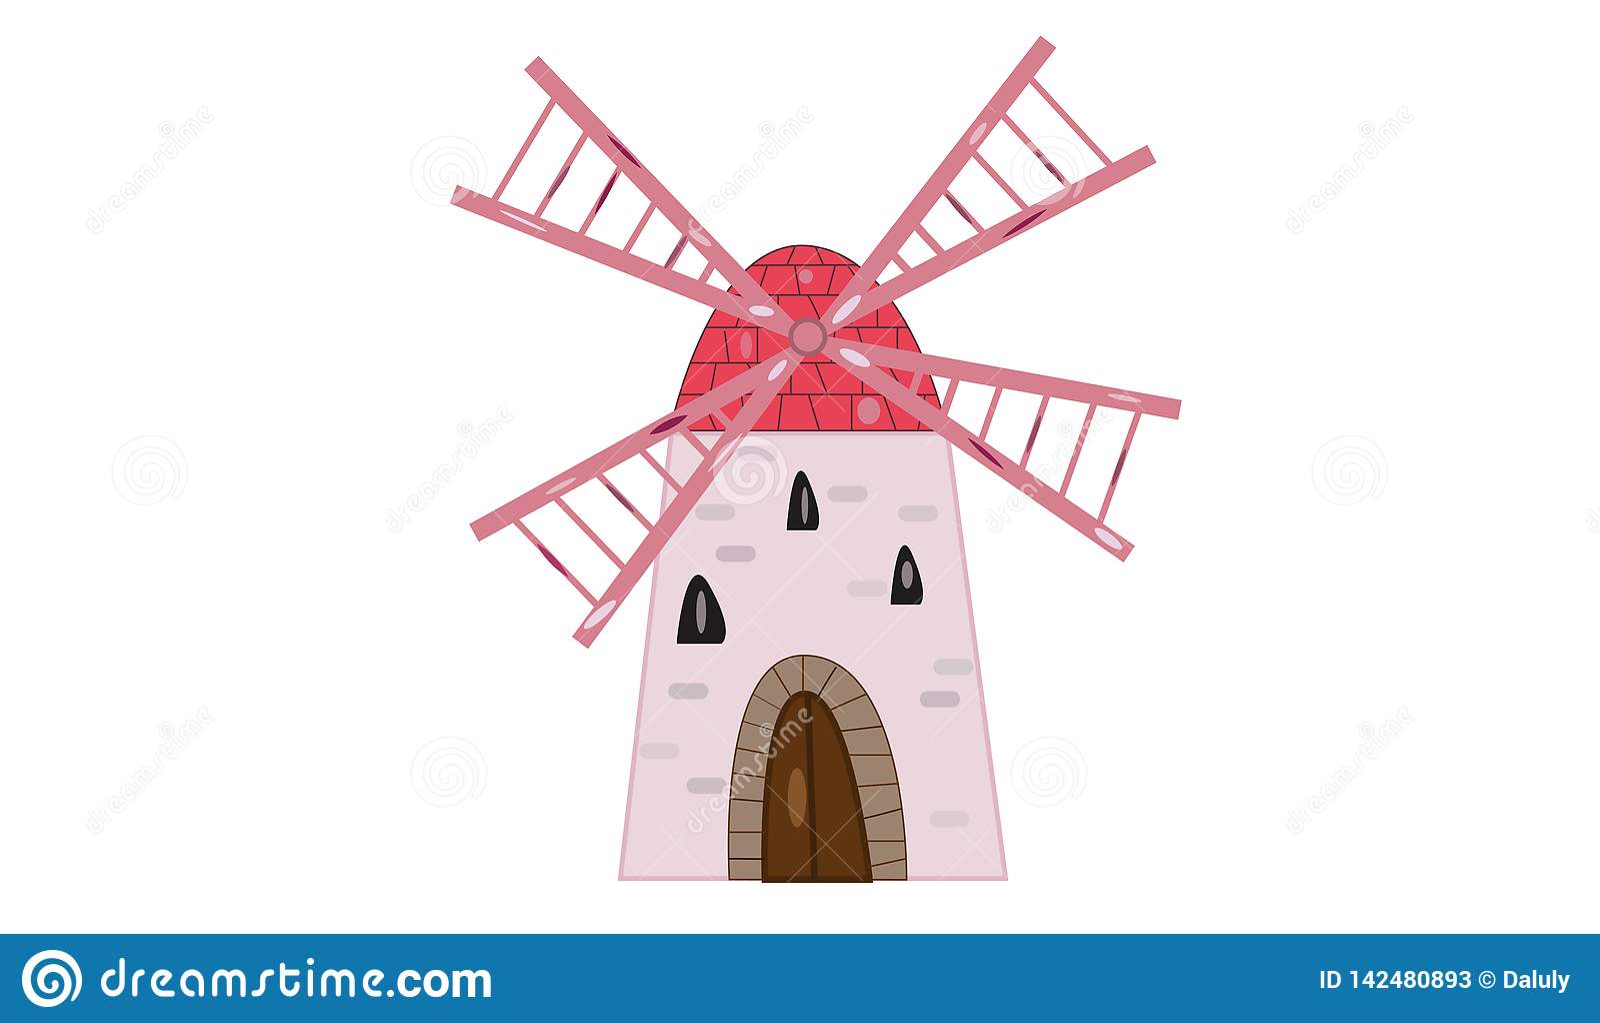 Alte Windmühlenillustration lokalisierte weißen Hintergrund und nette rosa Flügel- und Steintür